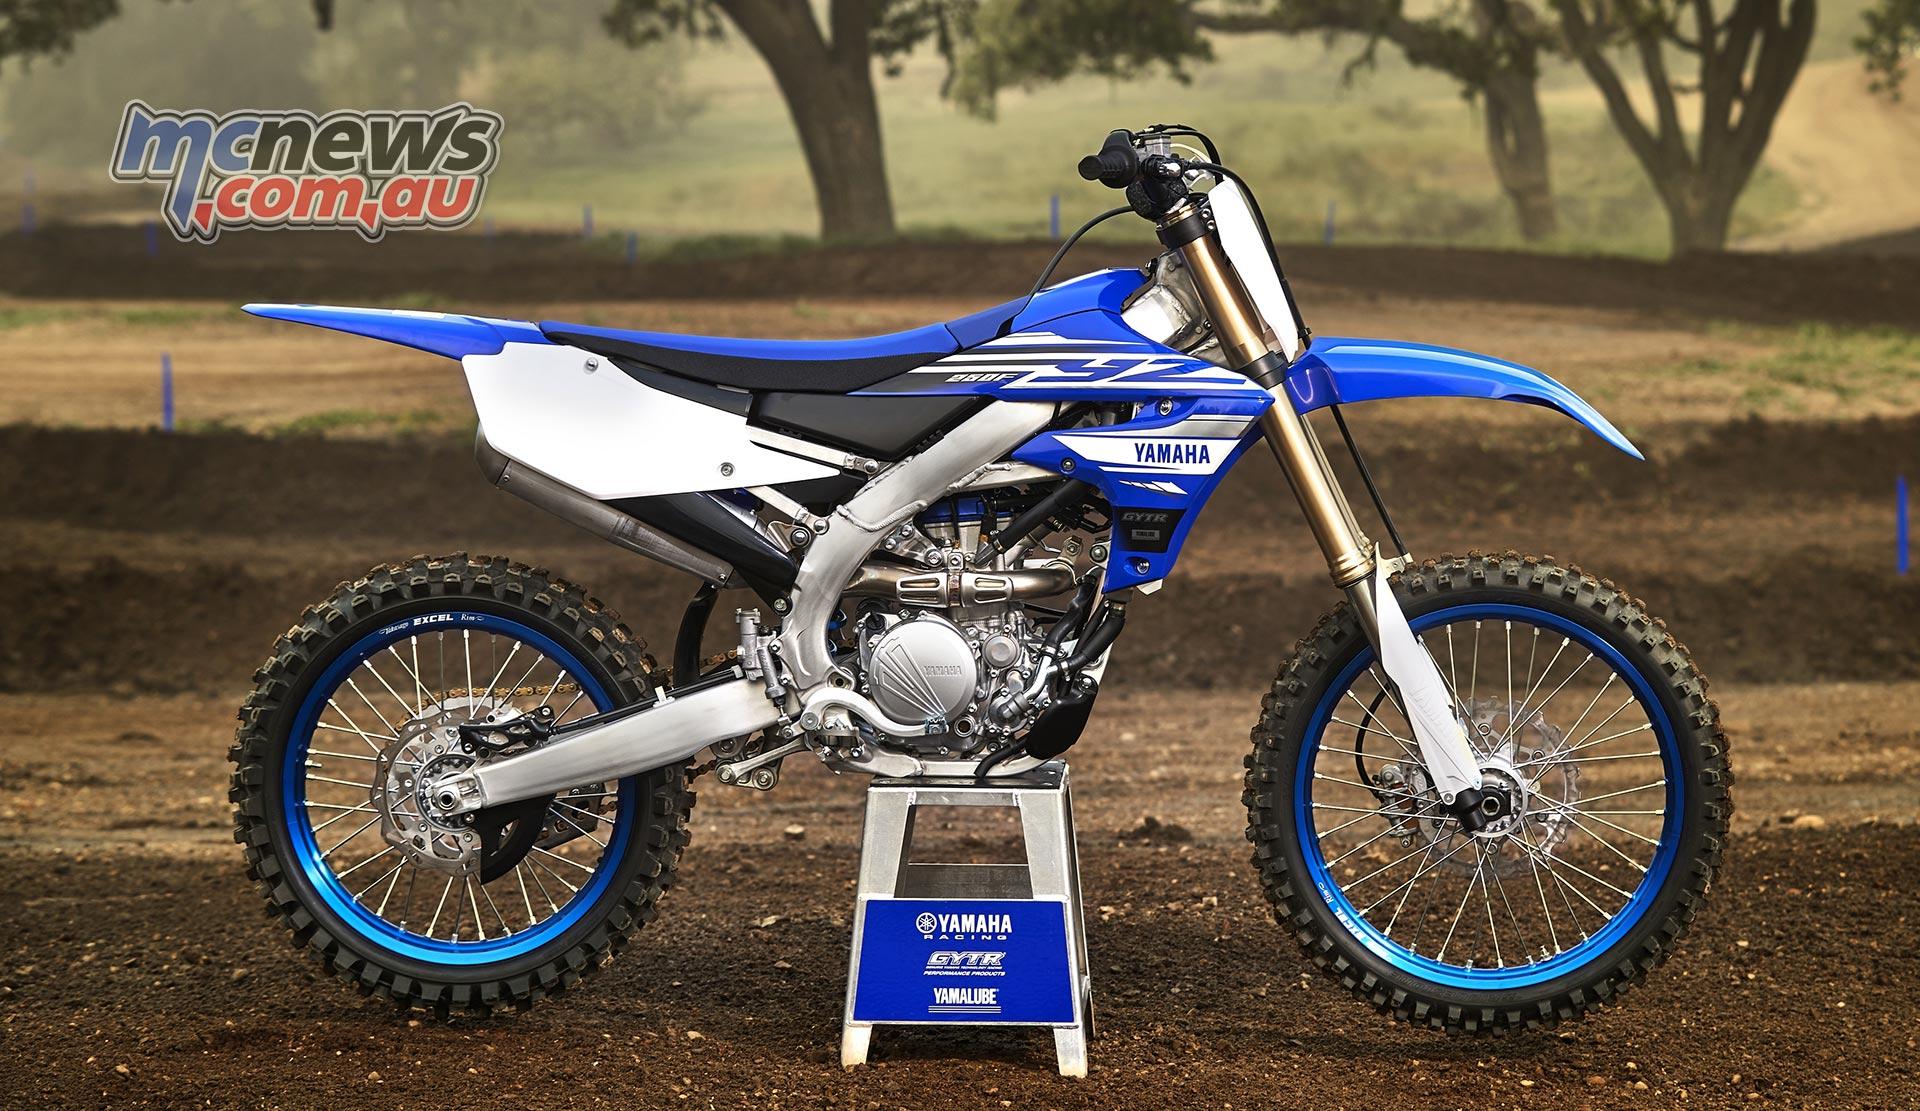 Yz 250 2019 >> 2019 YZ250F | New Engine | New Frame | $11,399 | MCNews.com.au